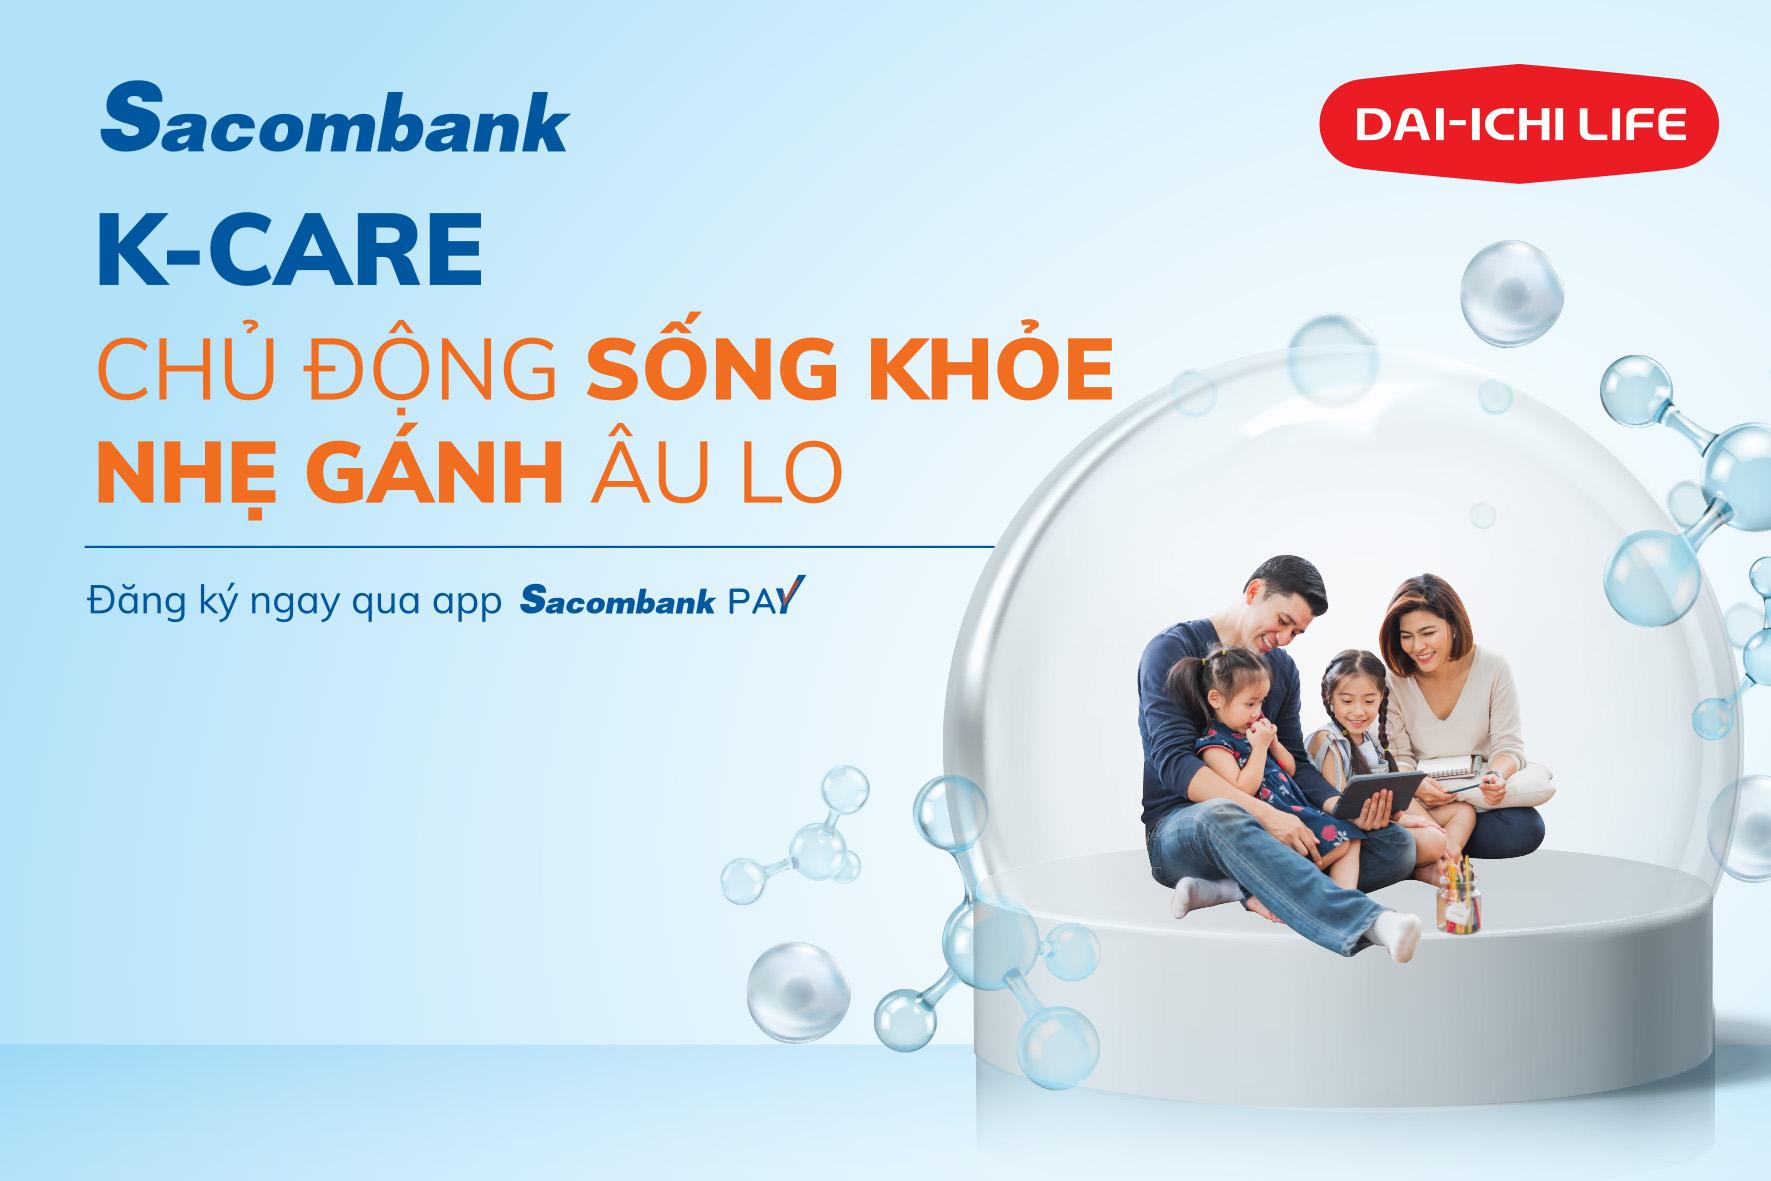 Kỷ niệm 4 năm hợp tác, Sacombank và Dai-ichi Life Việt Nam ra mắt hai sản phẩm mới hiện đại